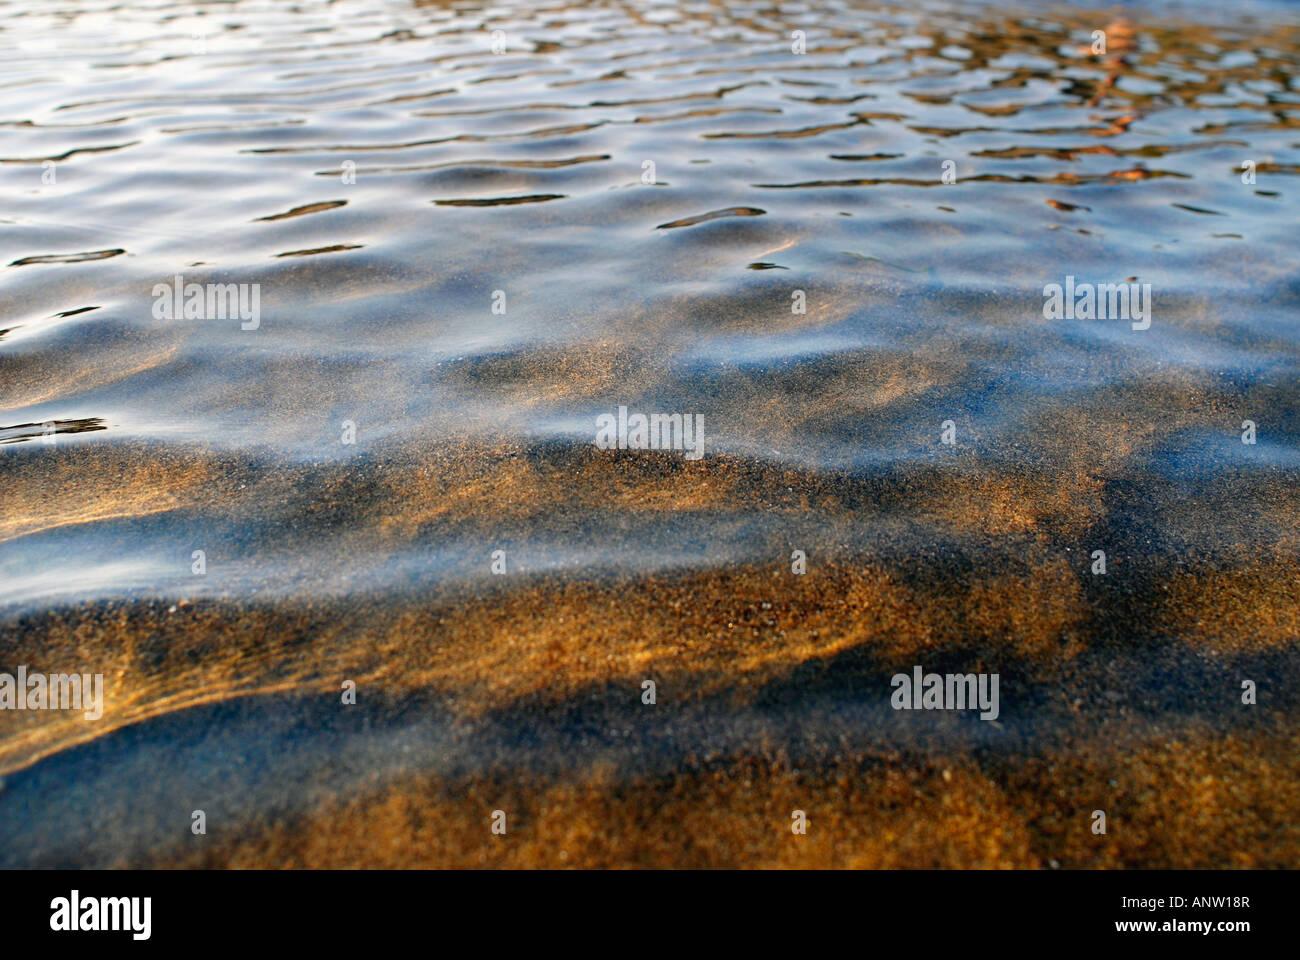 Ondulation sur la surface de l'eau de mer peu profonde calme Photo Stock